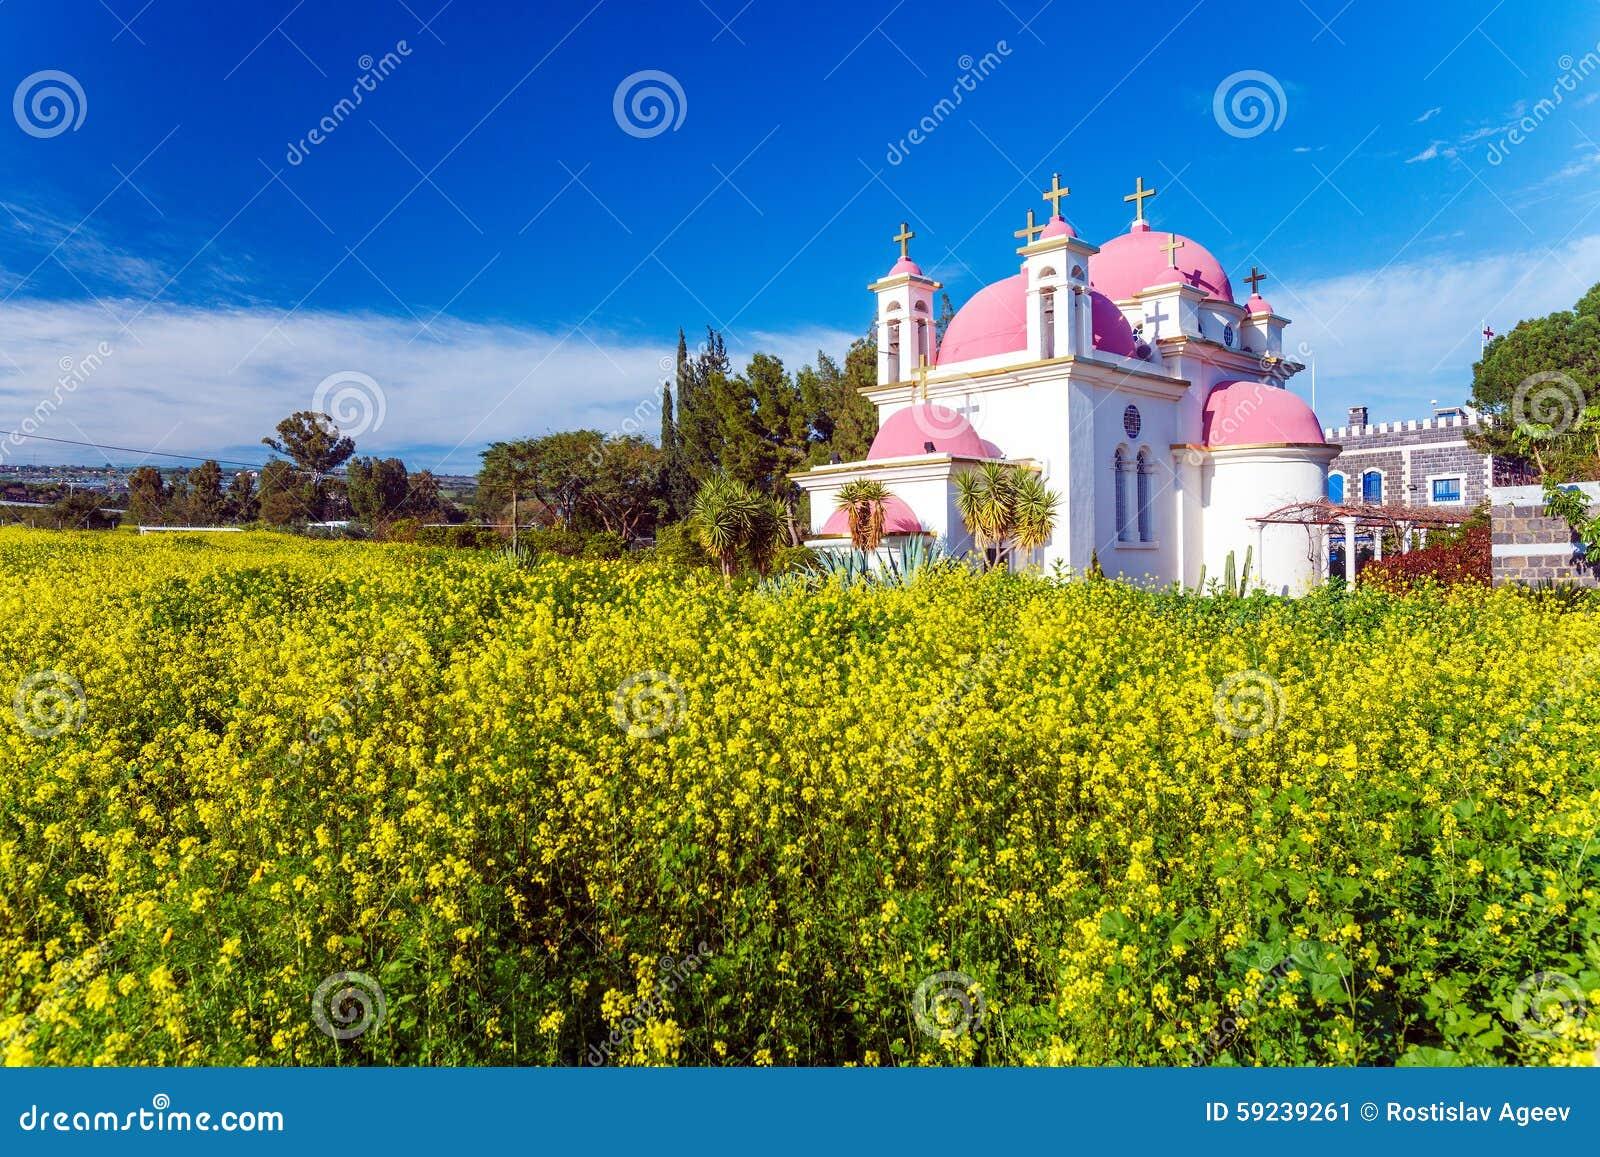 Campo de la iglesia ortodoxa y de la mostaza cerca del mar de Galilea